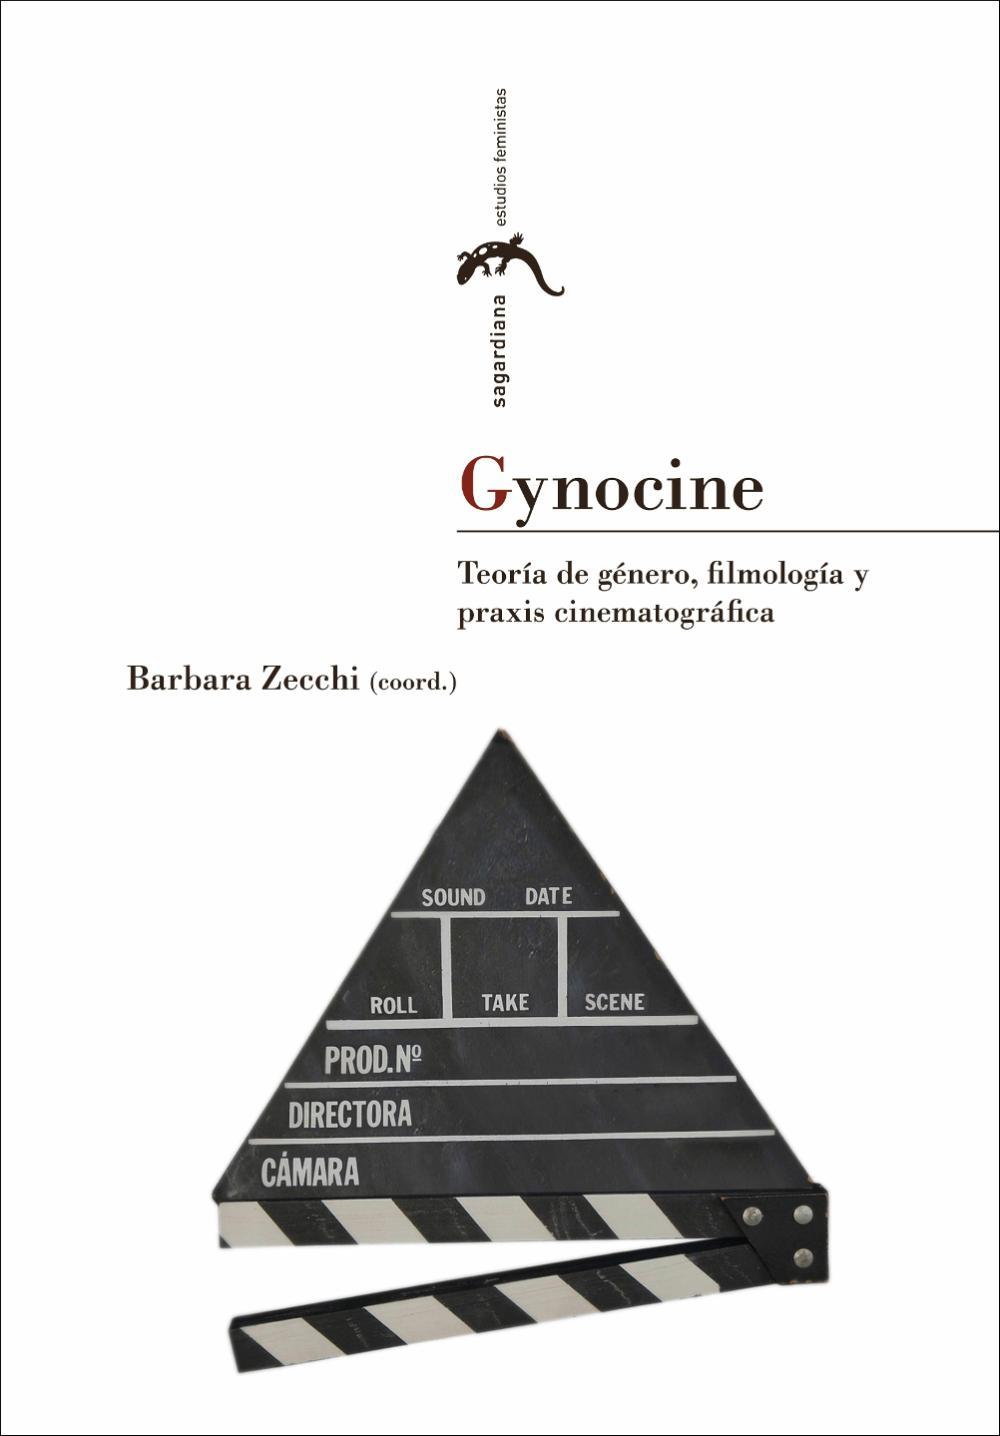 Gynocine: teoría de género, filmología y praxis cinematográfica